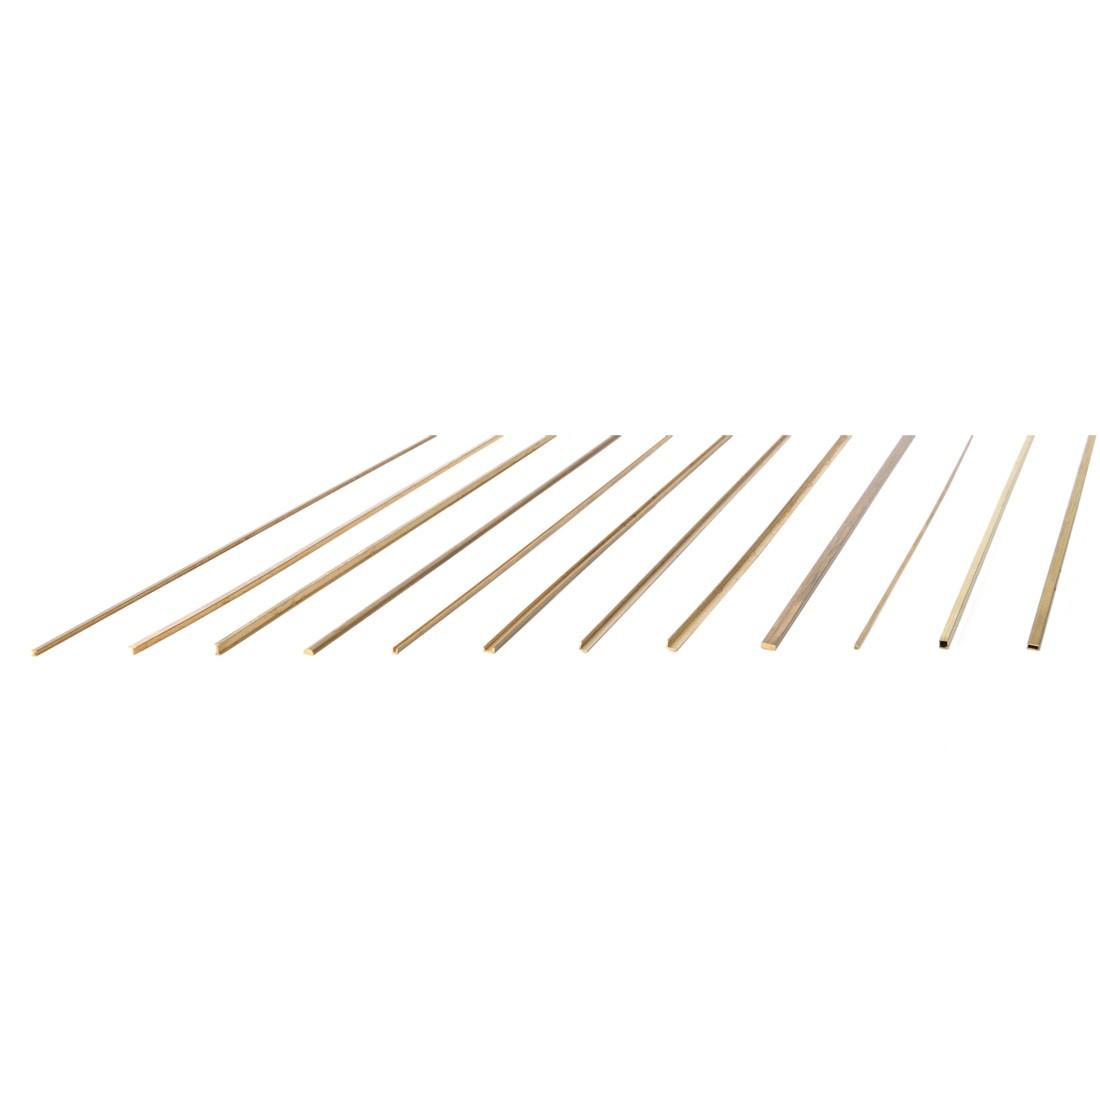 Ángulos de latón 2x4x500